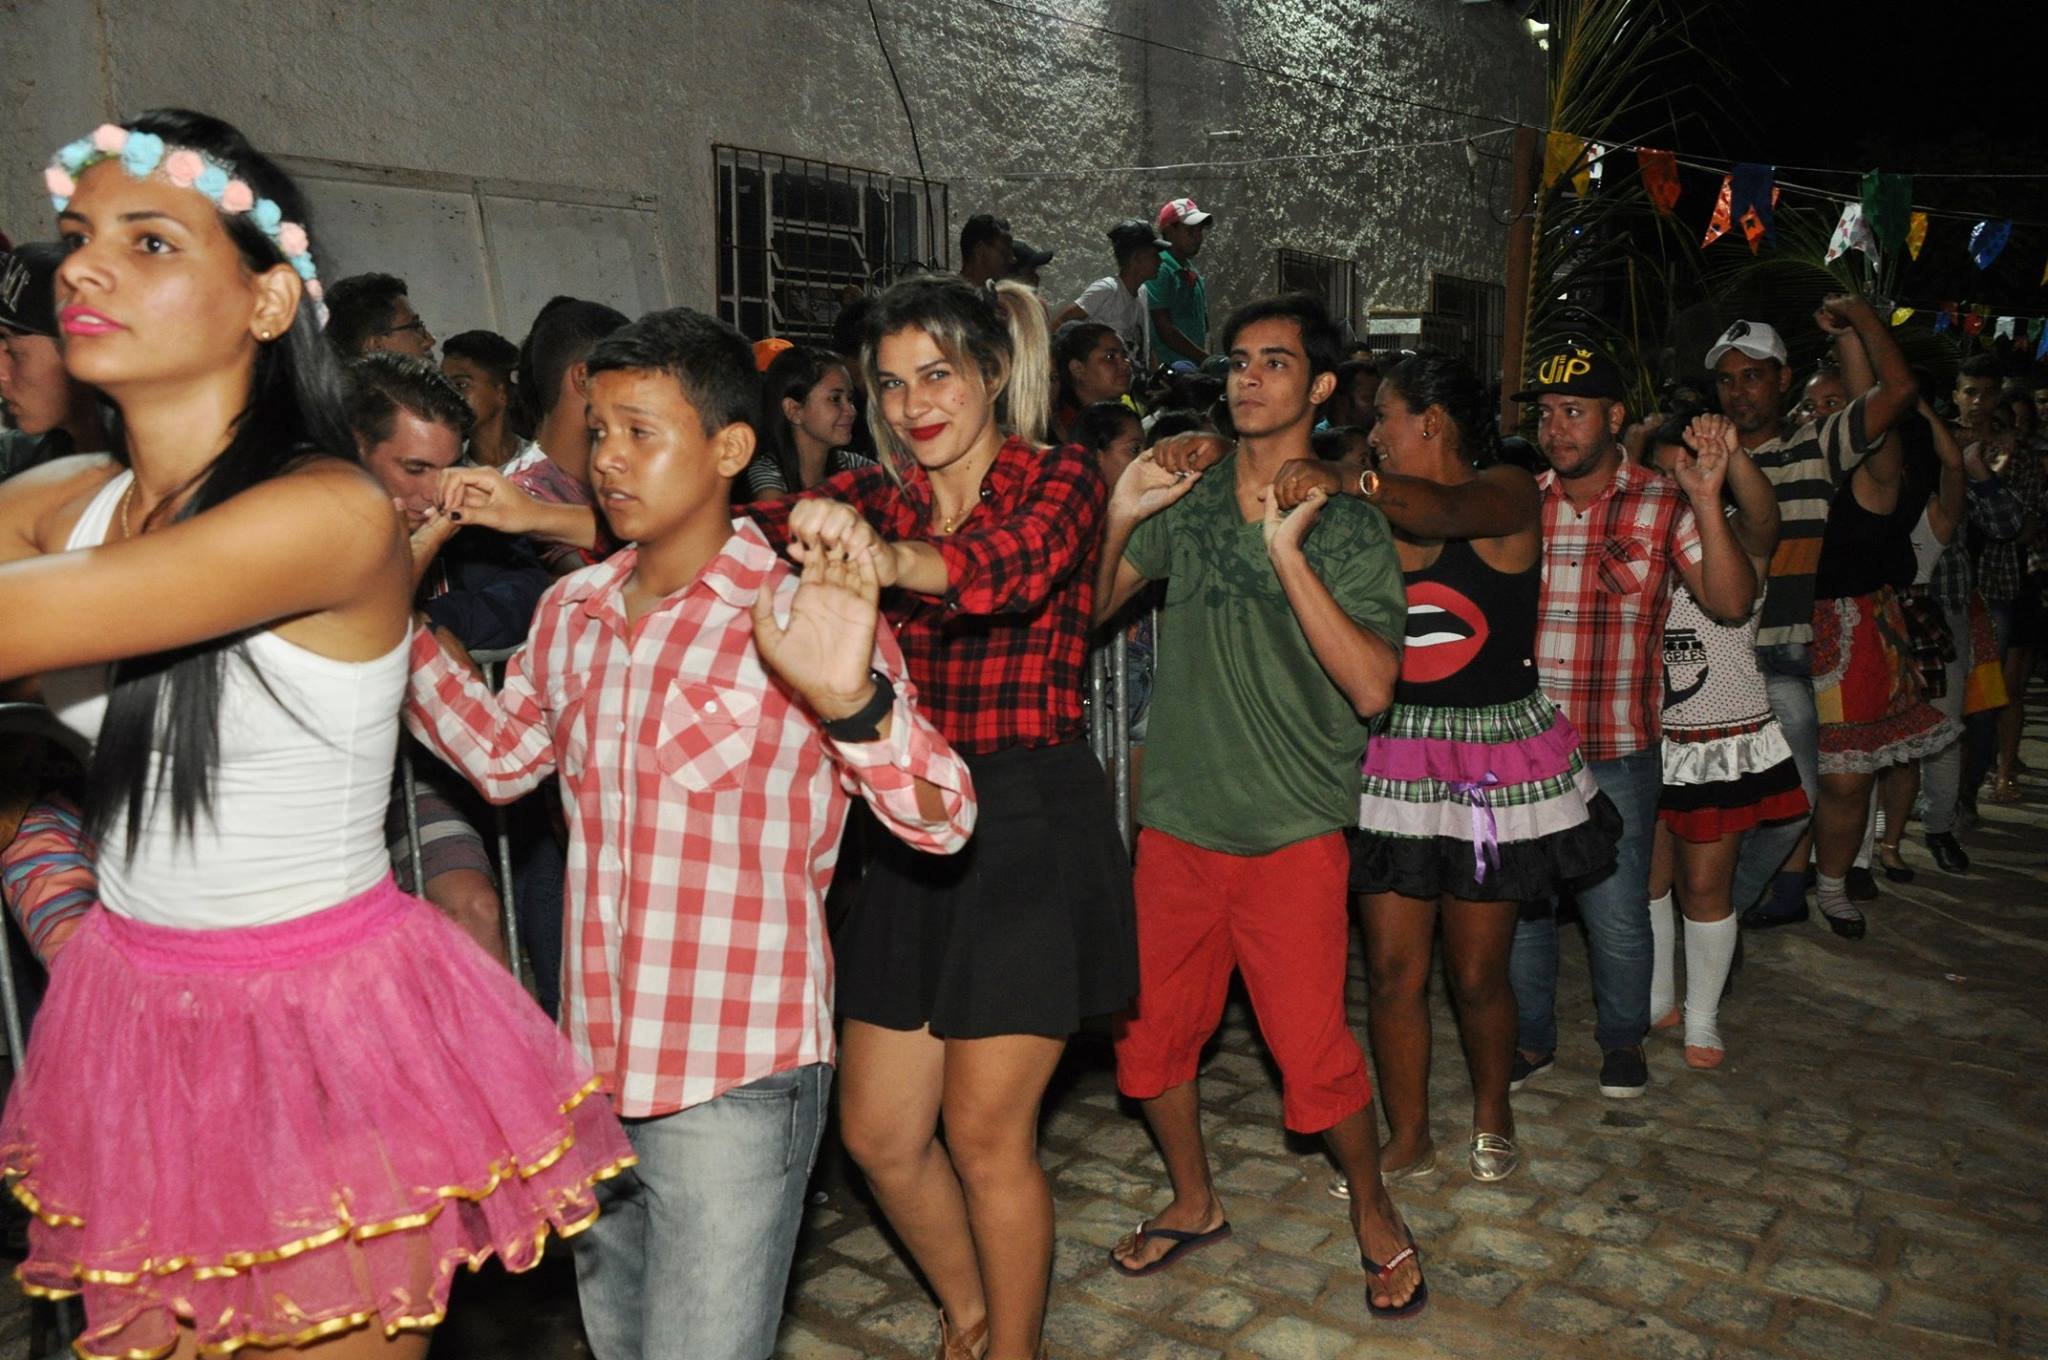 19055752_1899330380340152_5316843413809403723_o-1024x680 OPIPOCO mostra como foi a Segunda noite do festival de quadrilhas em Monteiro. Confira Imagens